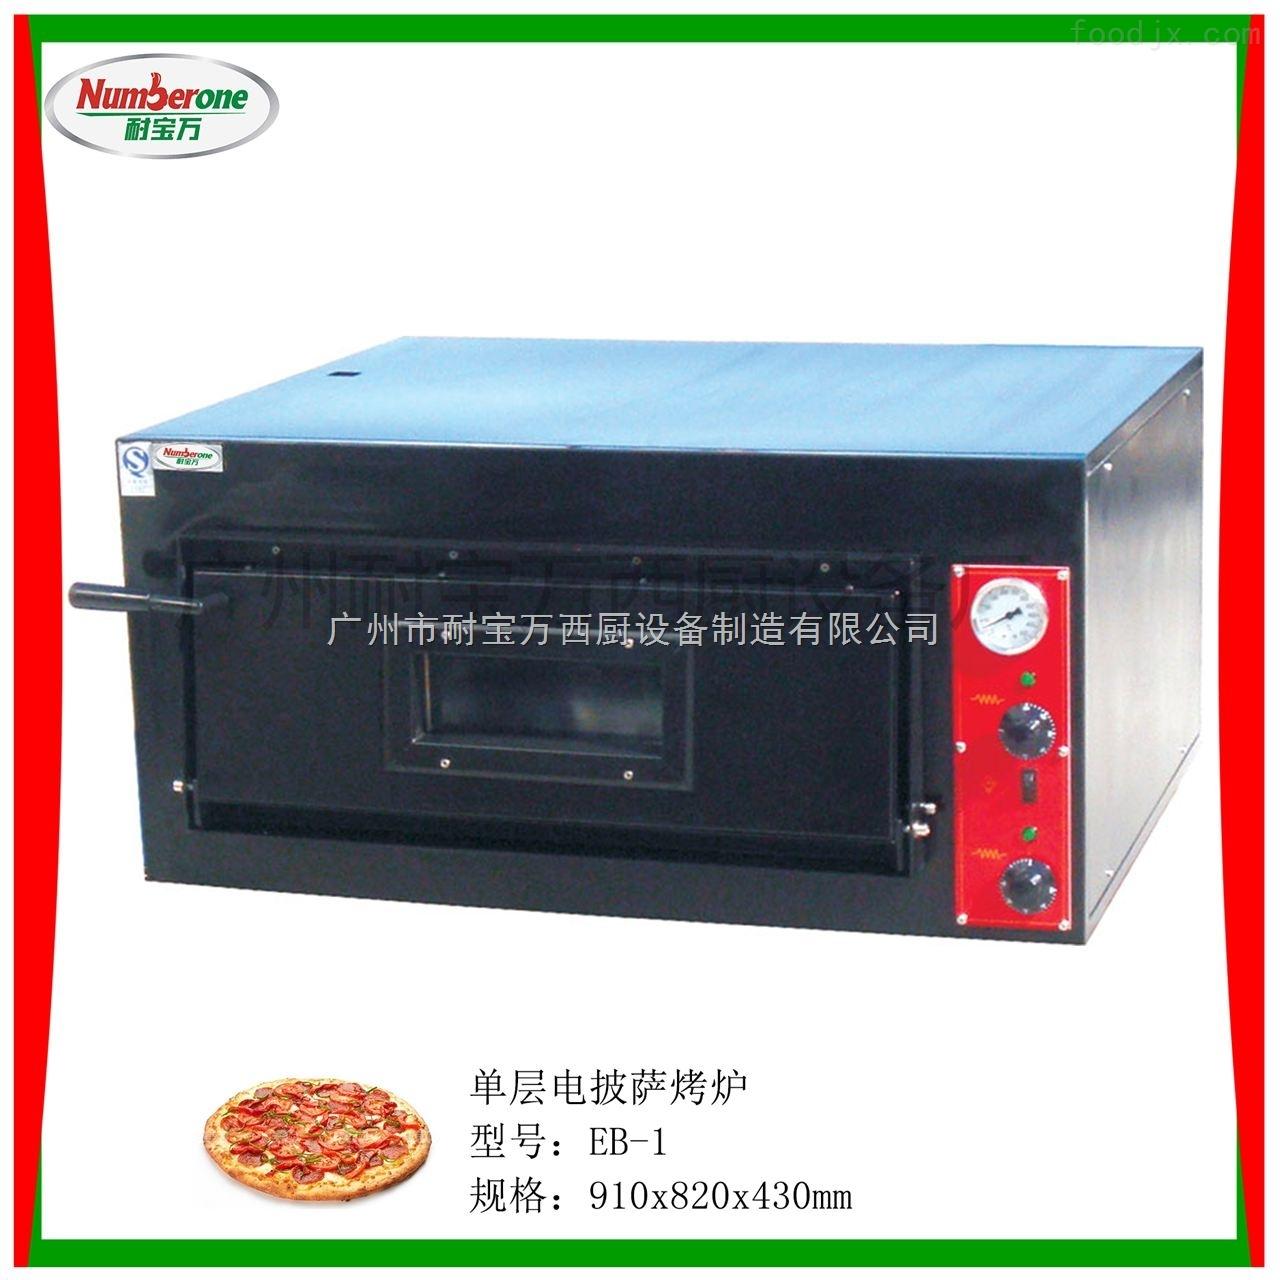 单层电披萨烤炉